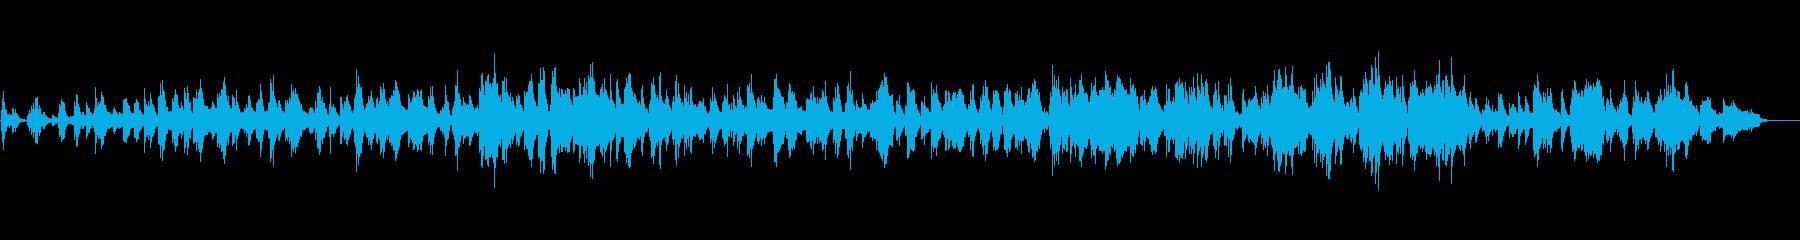 モダン・ジャズ・ナイトの再生済みの波形